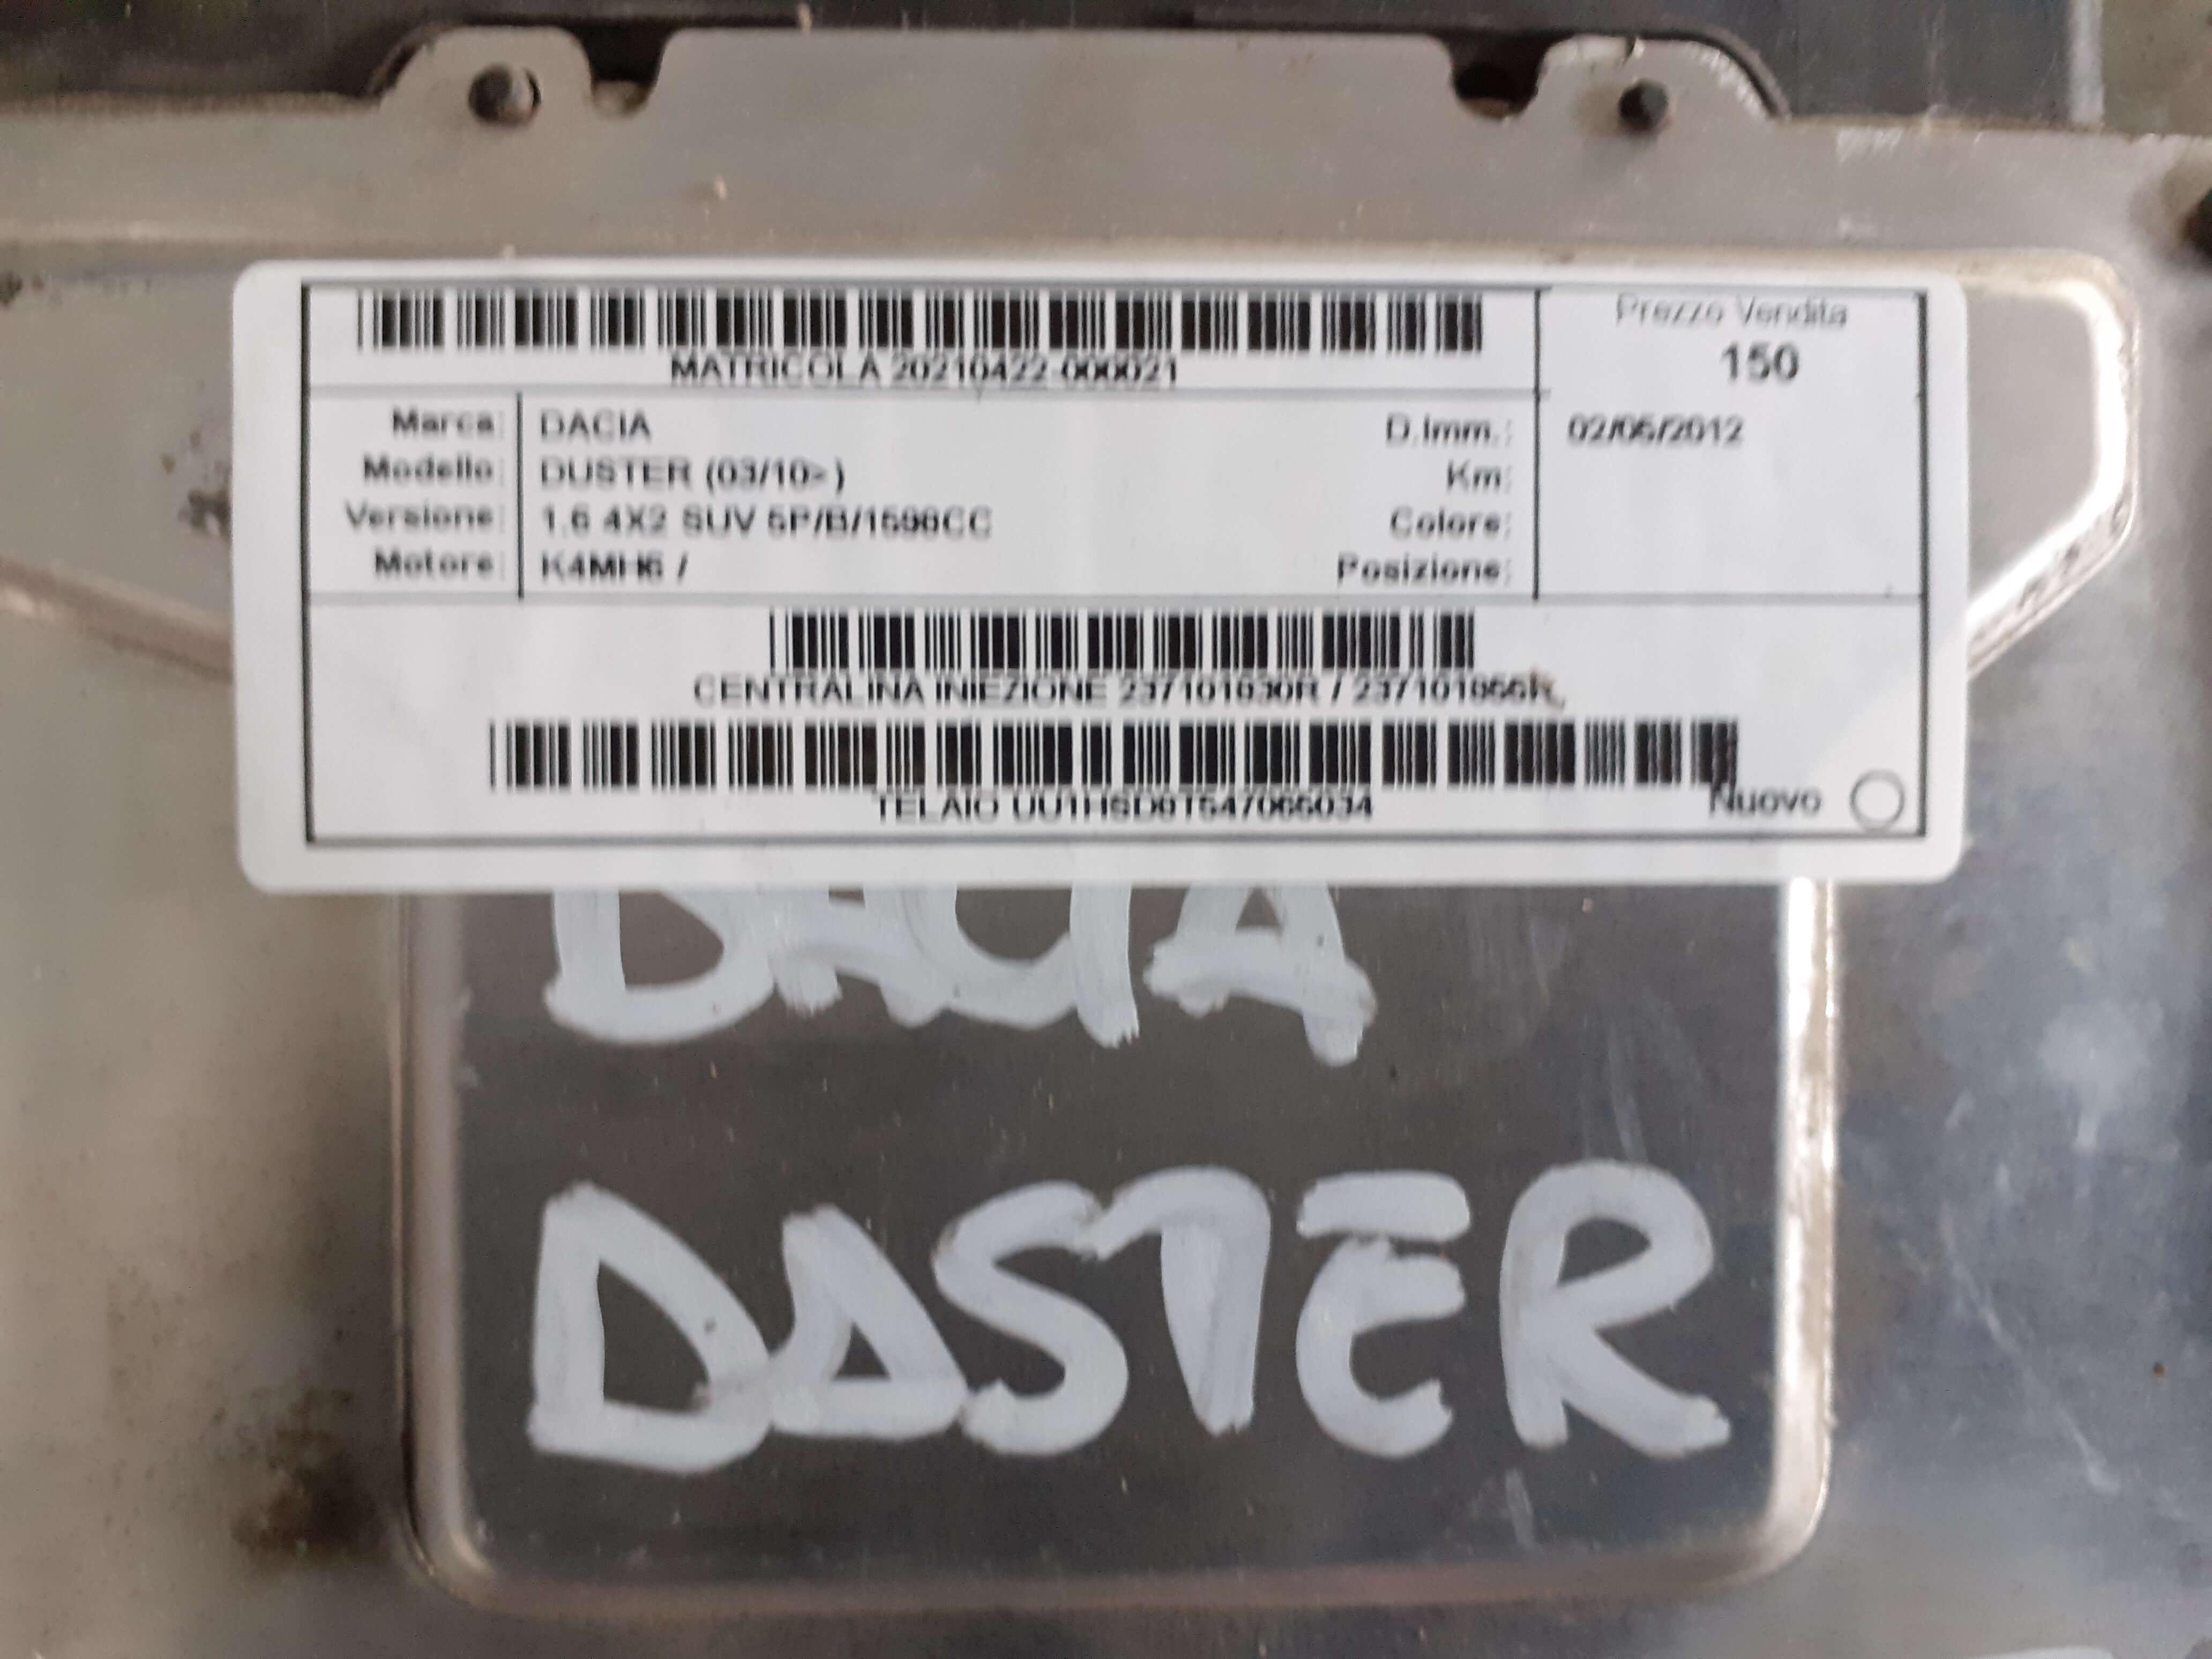 Centralina iniez. usata Dacia Duster (03/10>) 1.6 4x2